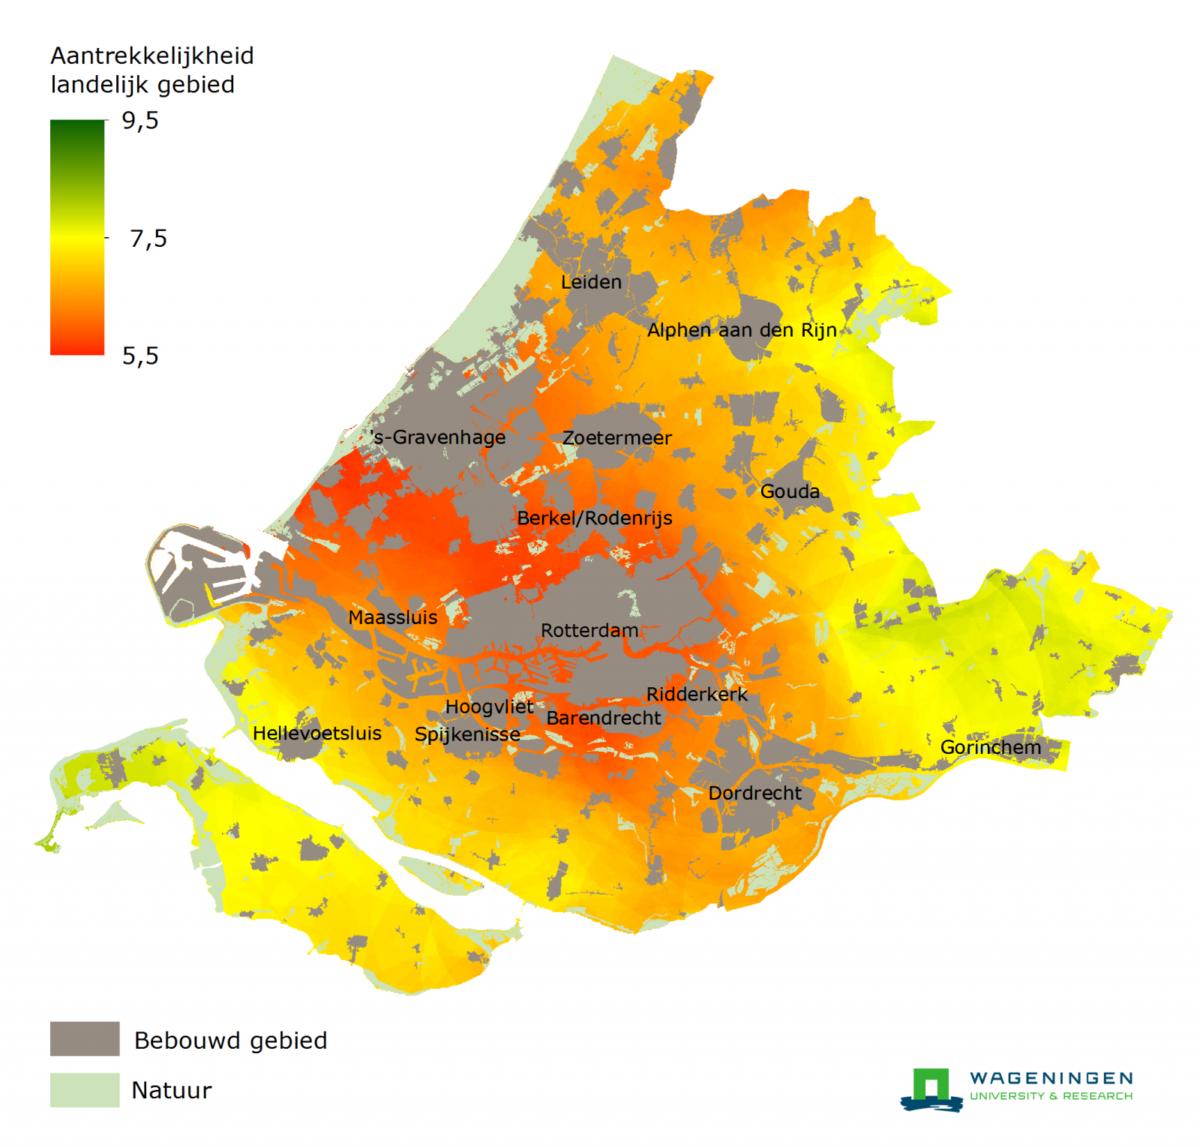 Waardering landelijk gebied en de eigen woonomgeving in Zuid-Holland het laagste van Nederland